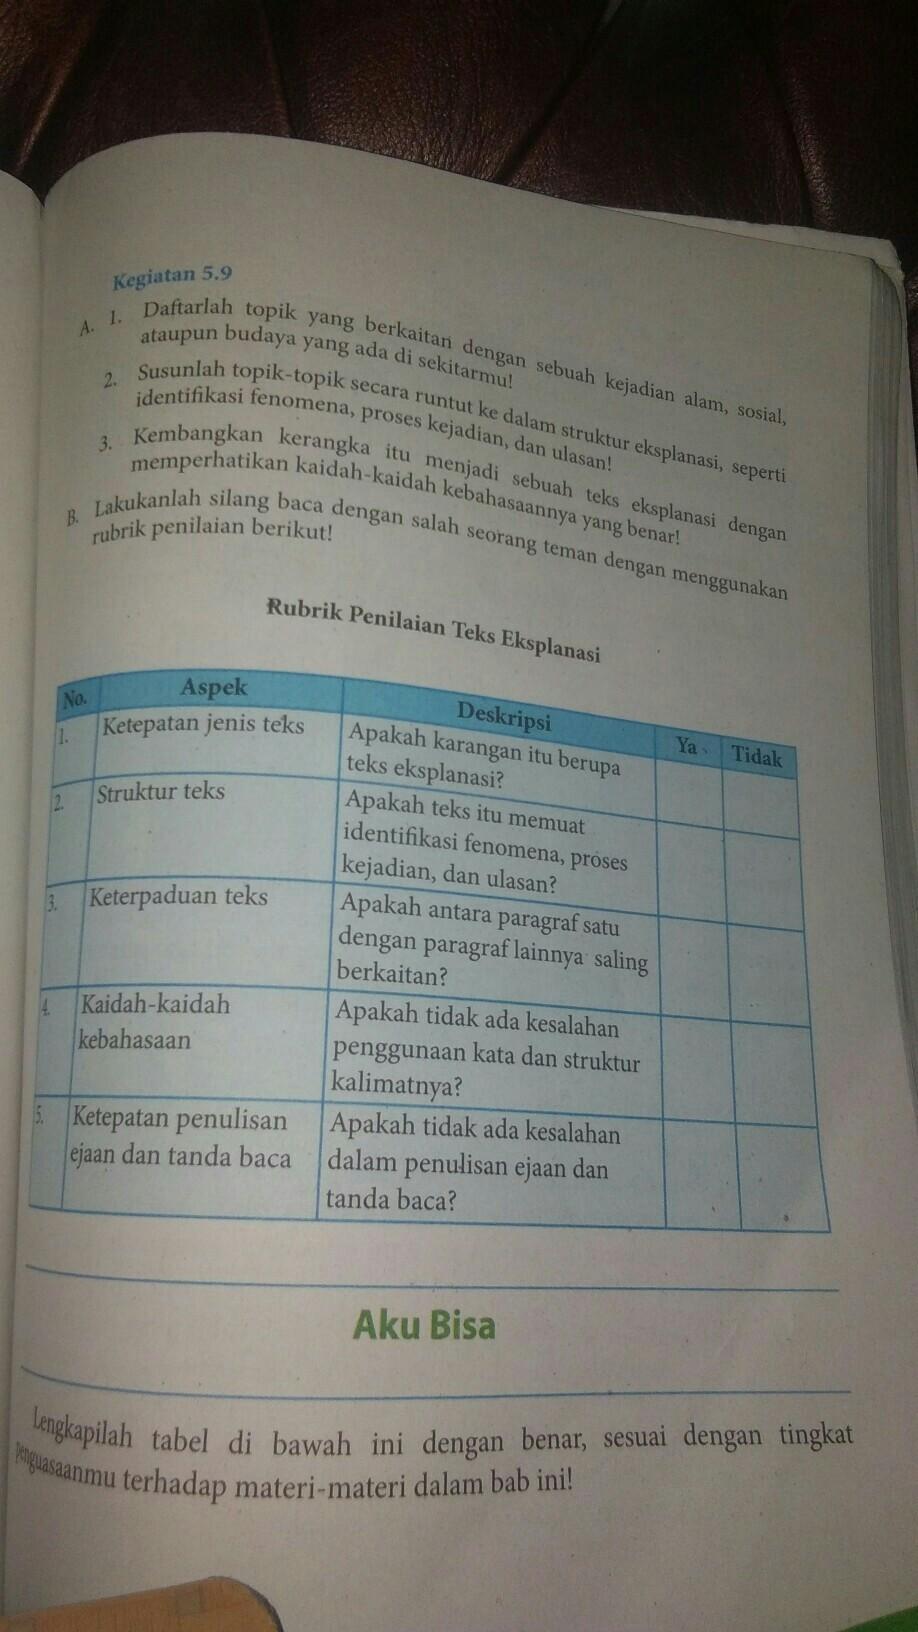 67% dari populasi eropa, termasuk kelompok produktif. Kunci Jawaban Buku Paket Bahasa Indonesia Kelas 8 Halaman